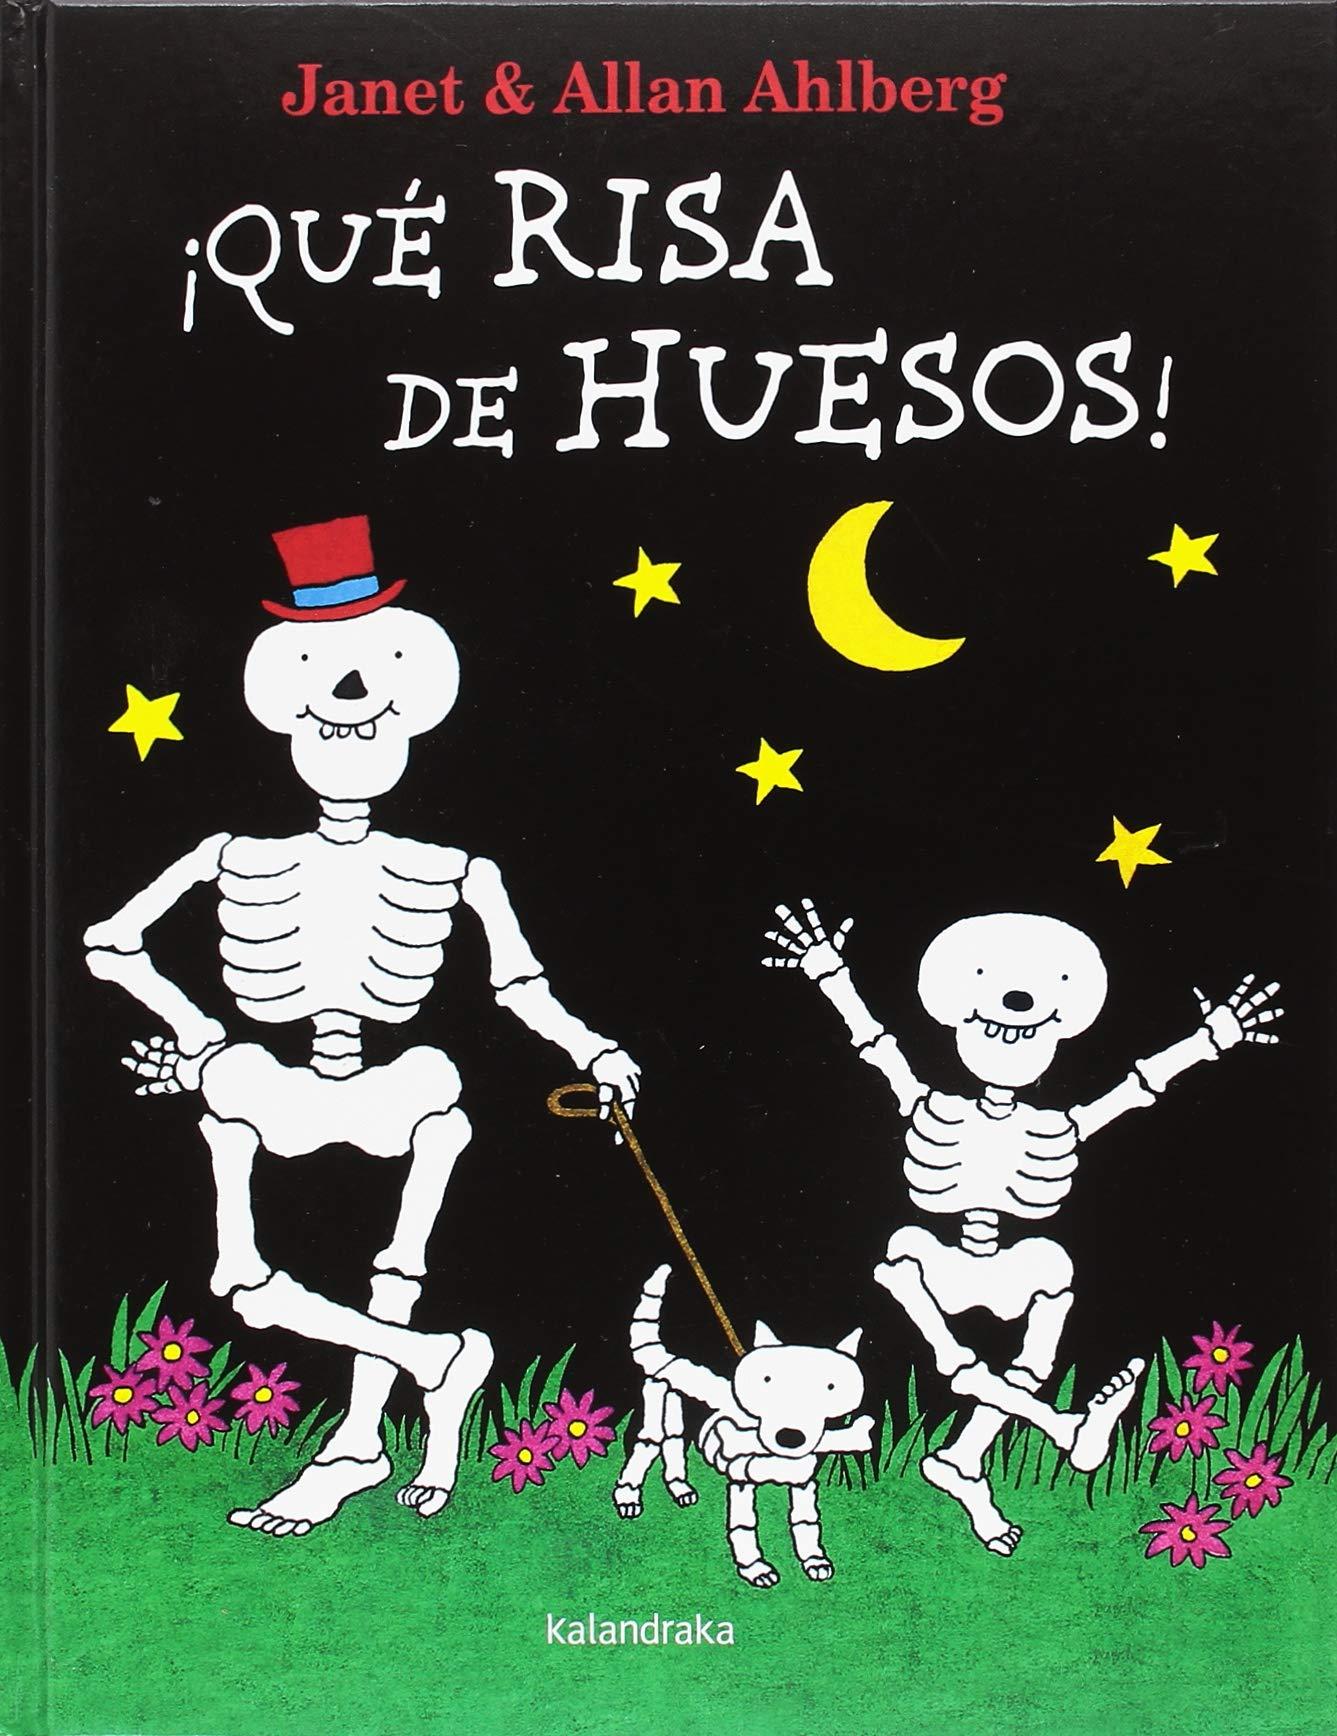 Qué risa de huesos! (Clásicos contemporáneos): Amazon.es: Ahlberg, Allan,  Hall, Janet, Diéguez, Miguel Ángel: Libros